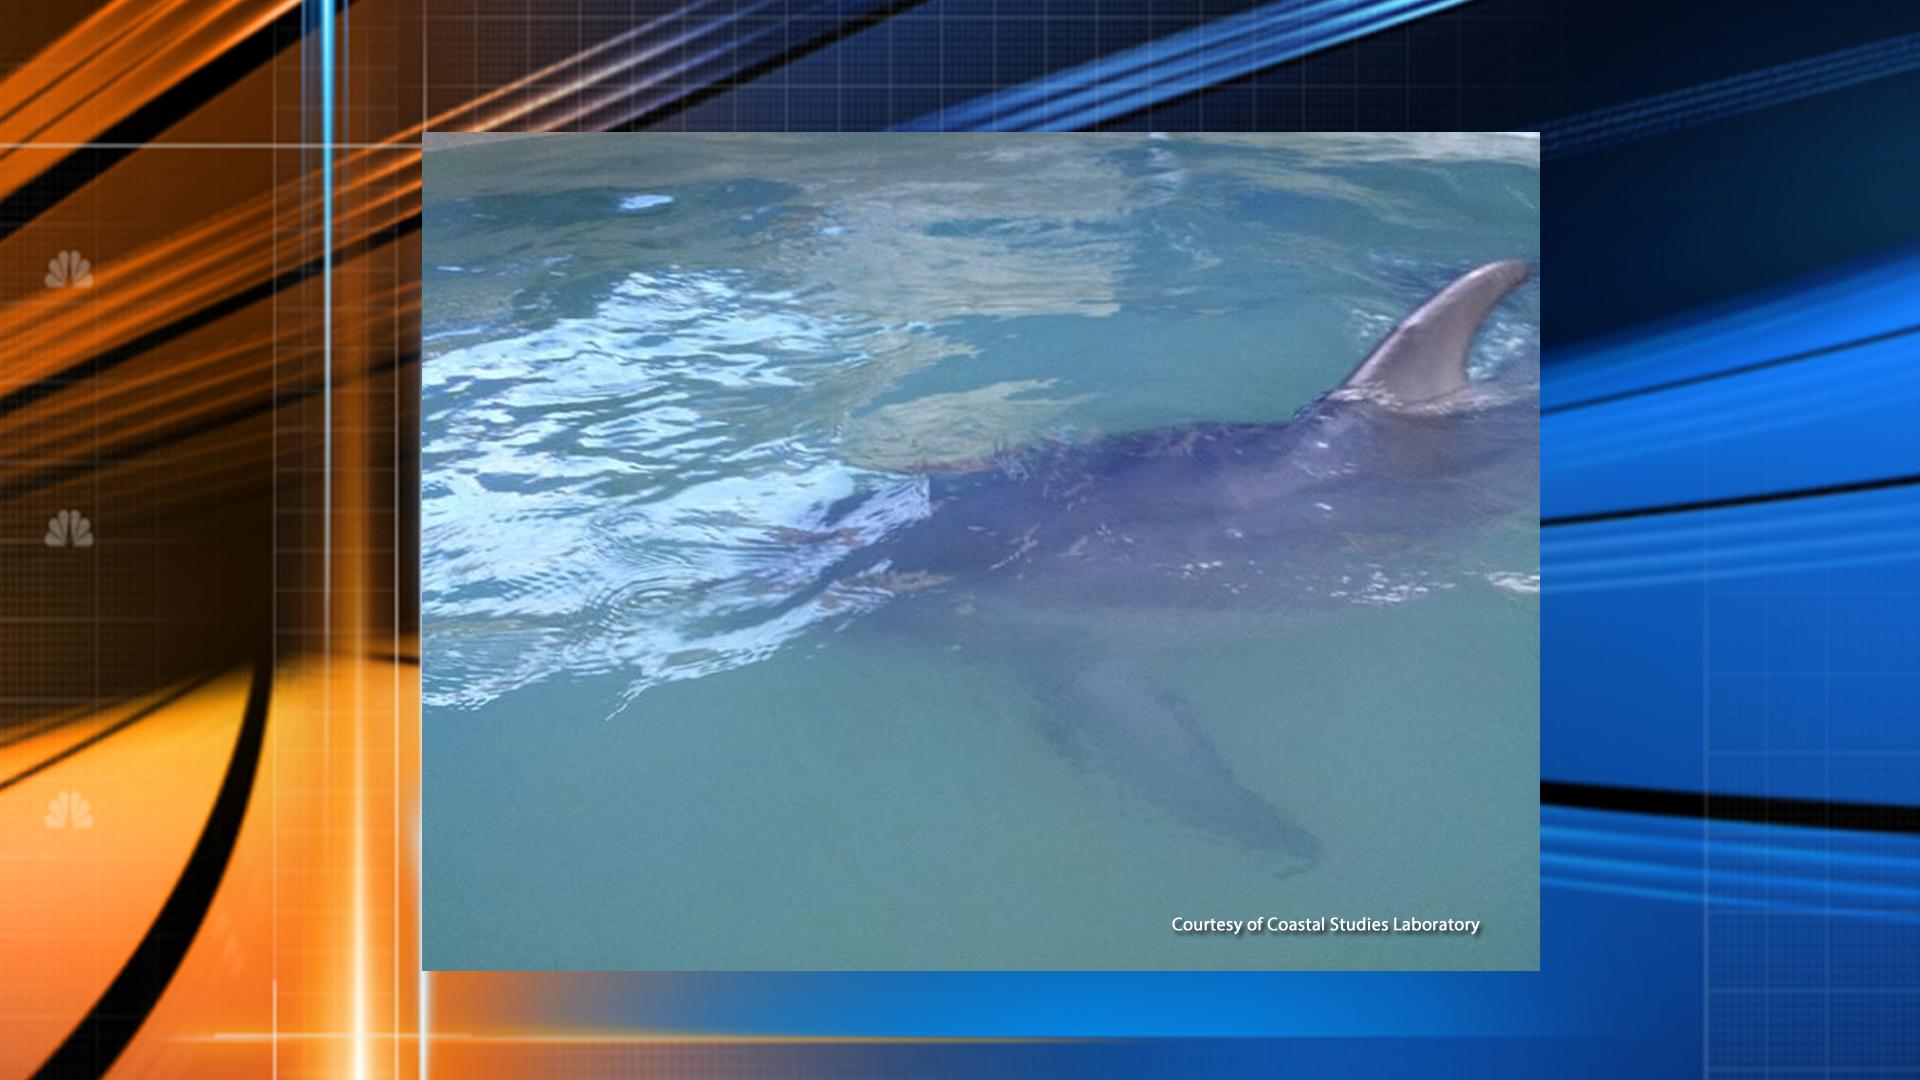 Dolphin_1443046064412.jpg